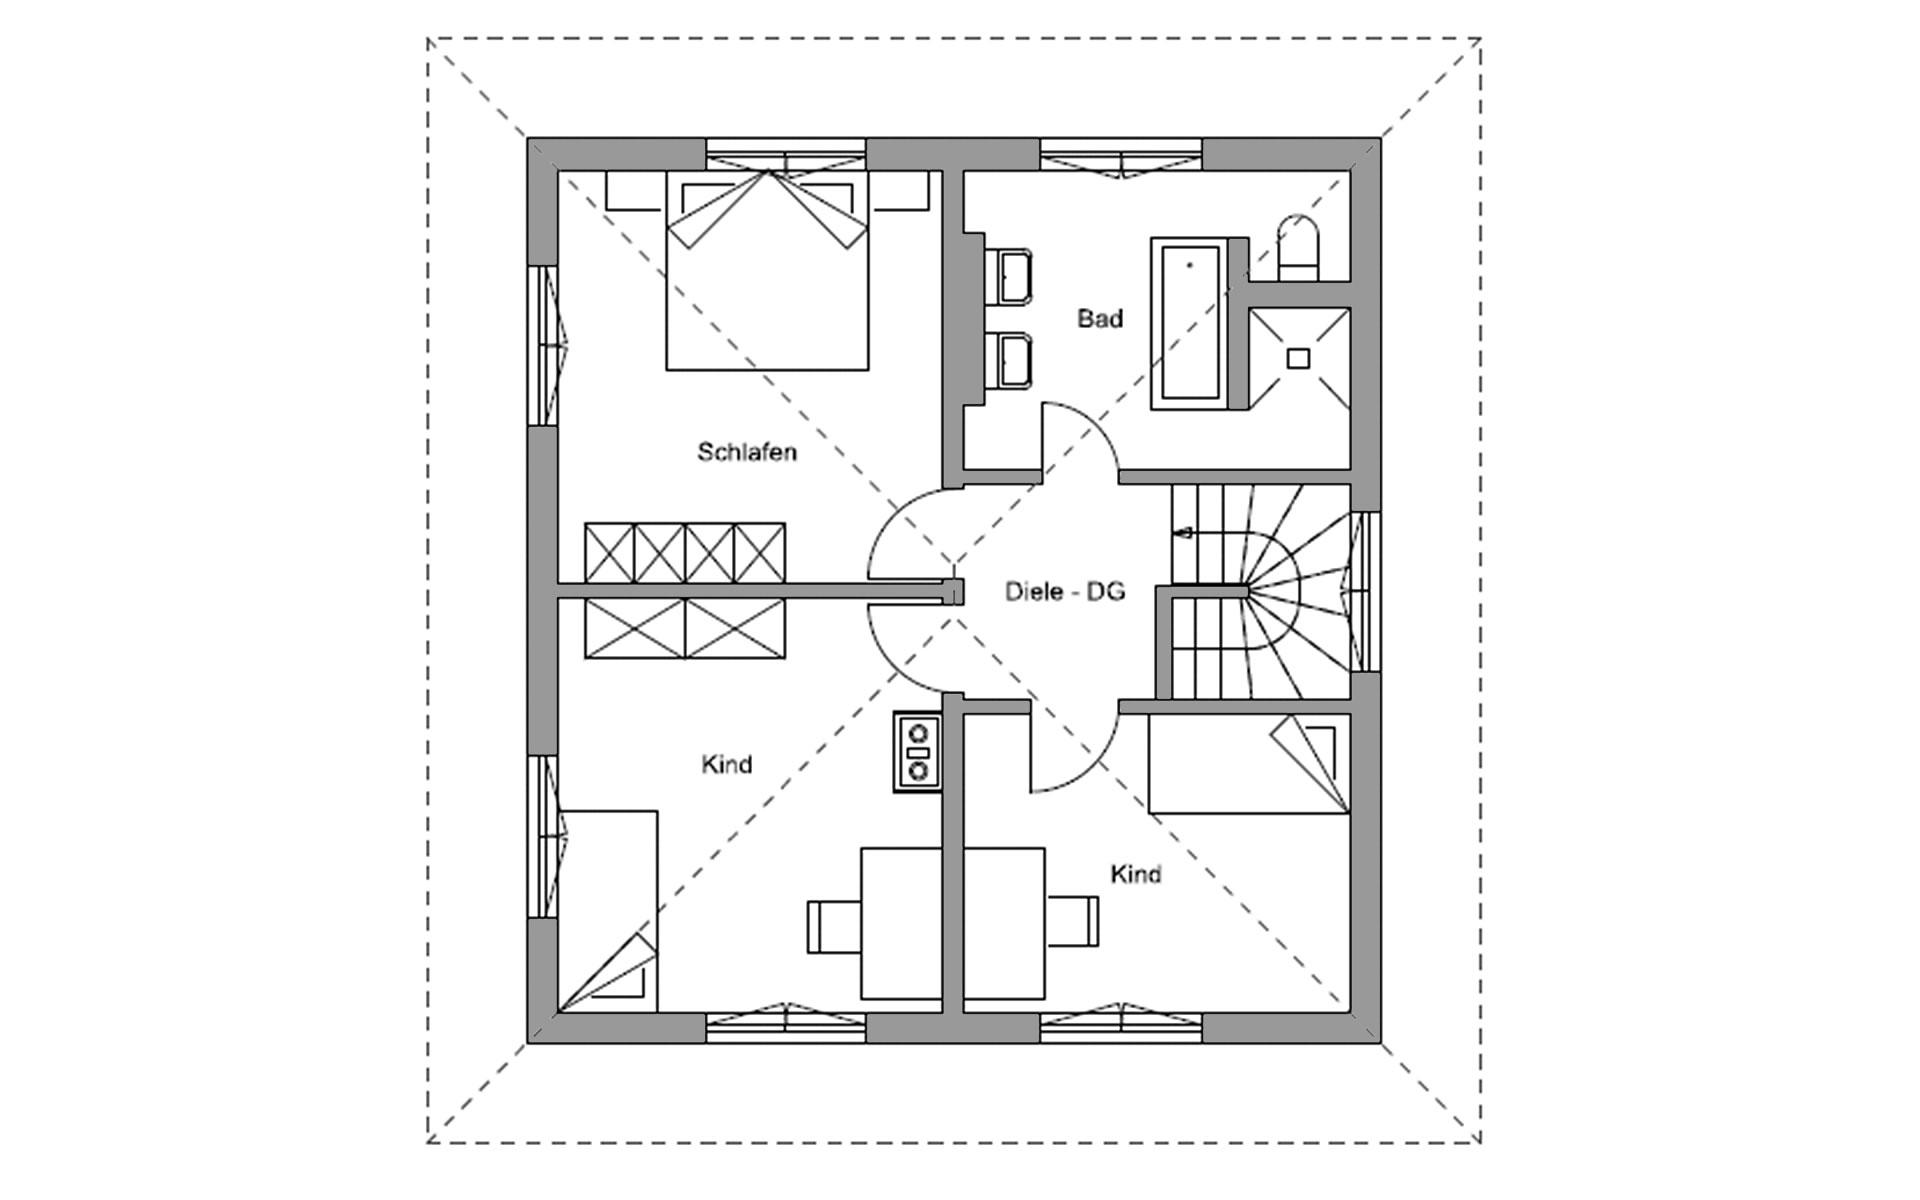 Obergeschoss Traunstein von Regnauer Hausbau GmbH & Co. KG